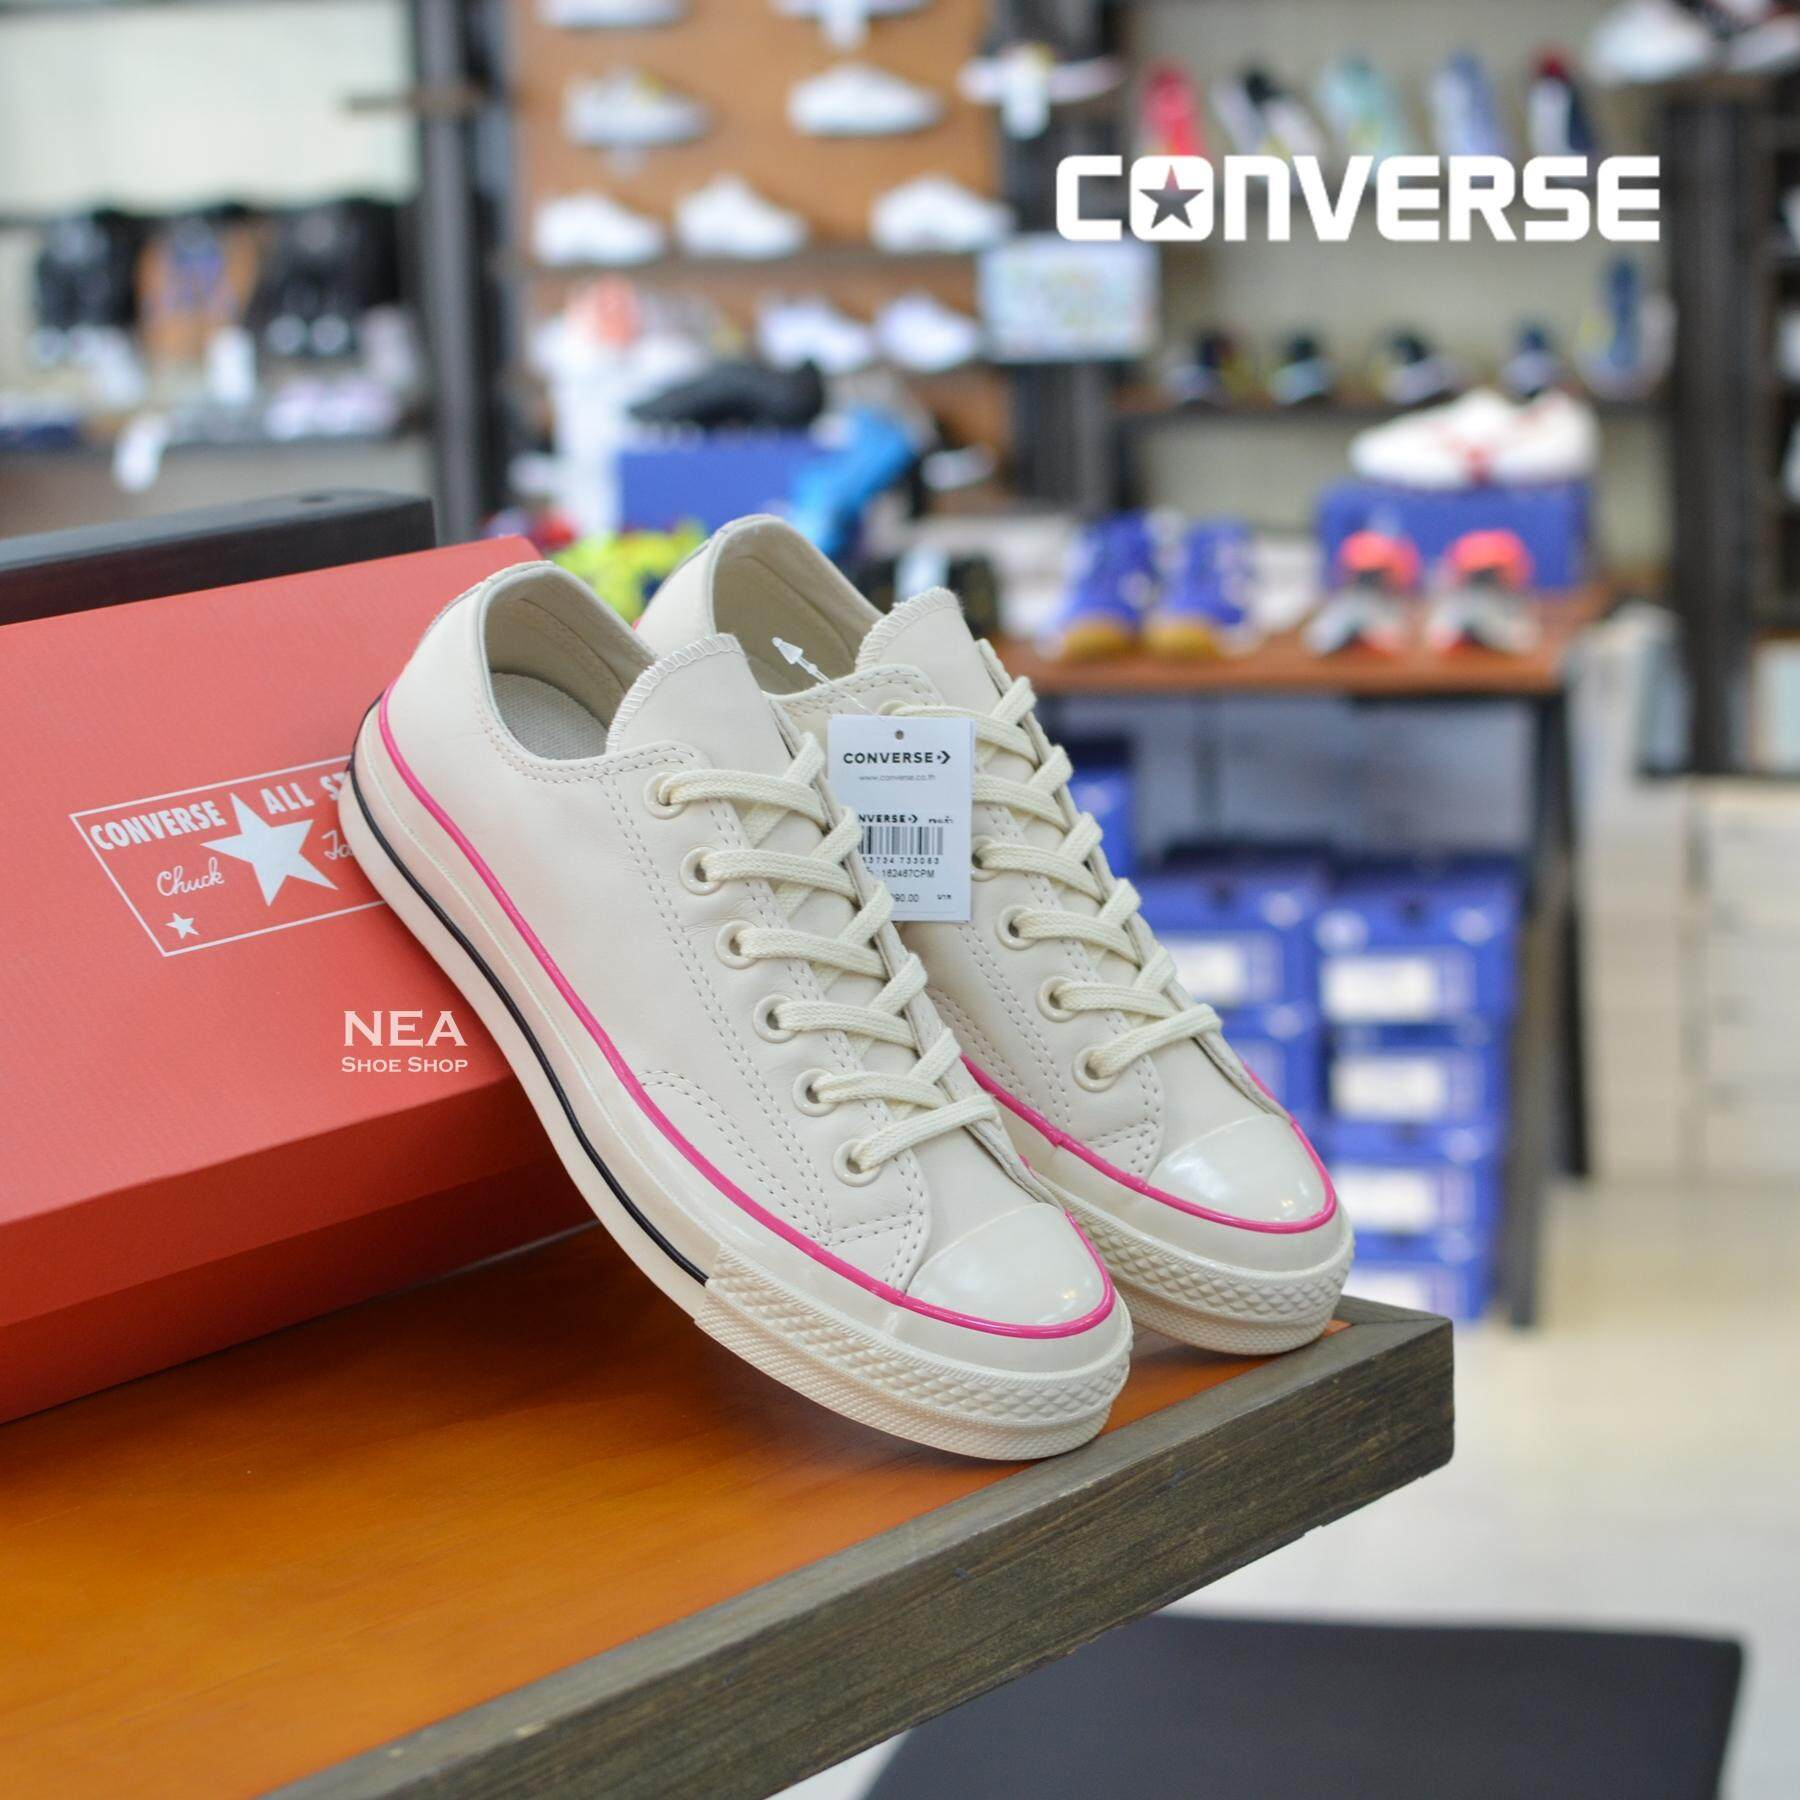 การใช้งาน  น่าน [ลิขสิทธิ์แท้] Converse All Star 70 (Leather) [W] รองเท้า คอนเวิร์ส รีโปร 70 ผู้หญิง